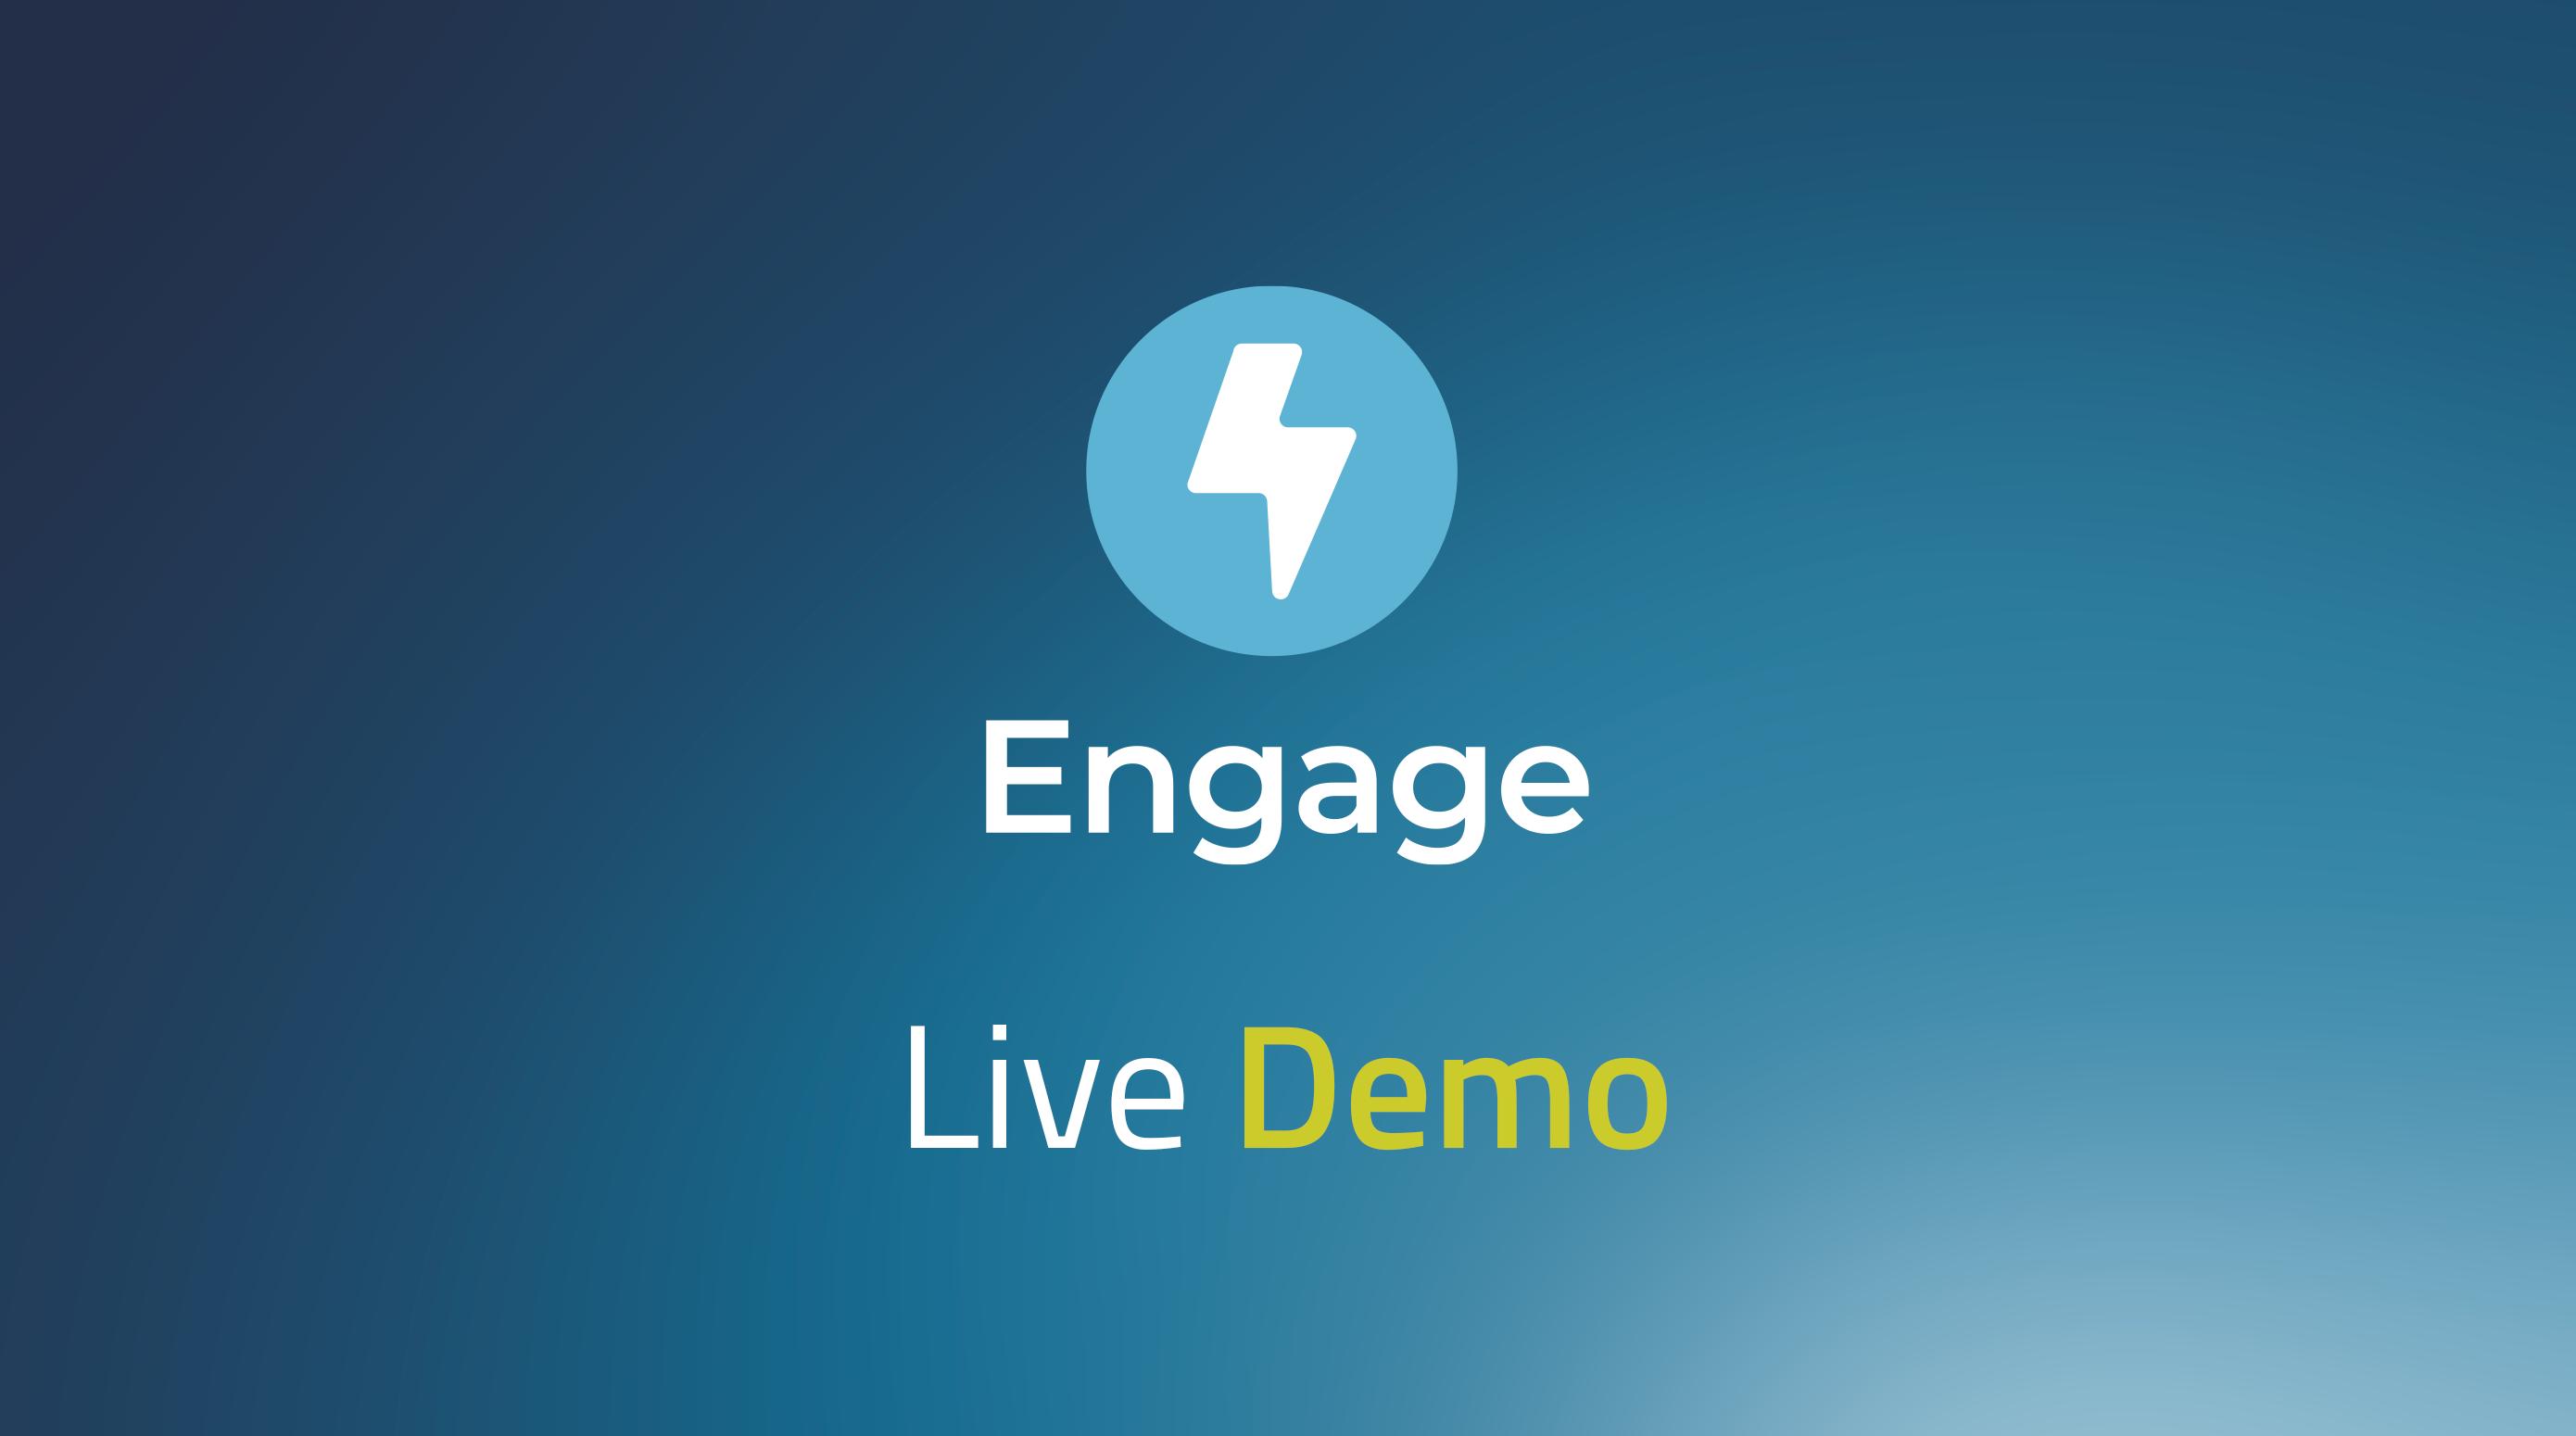 Engage Live Demo